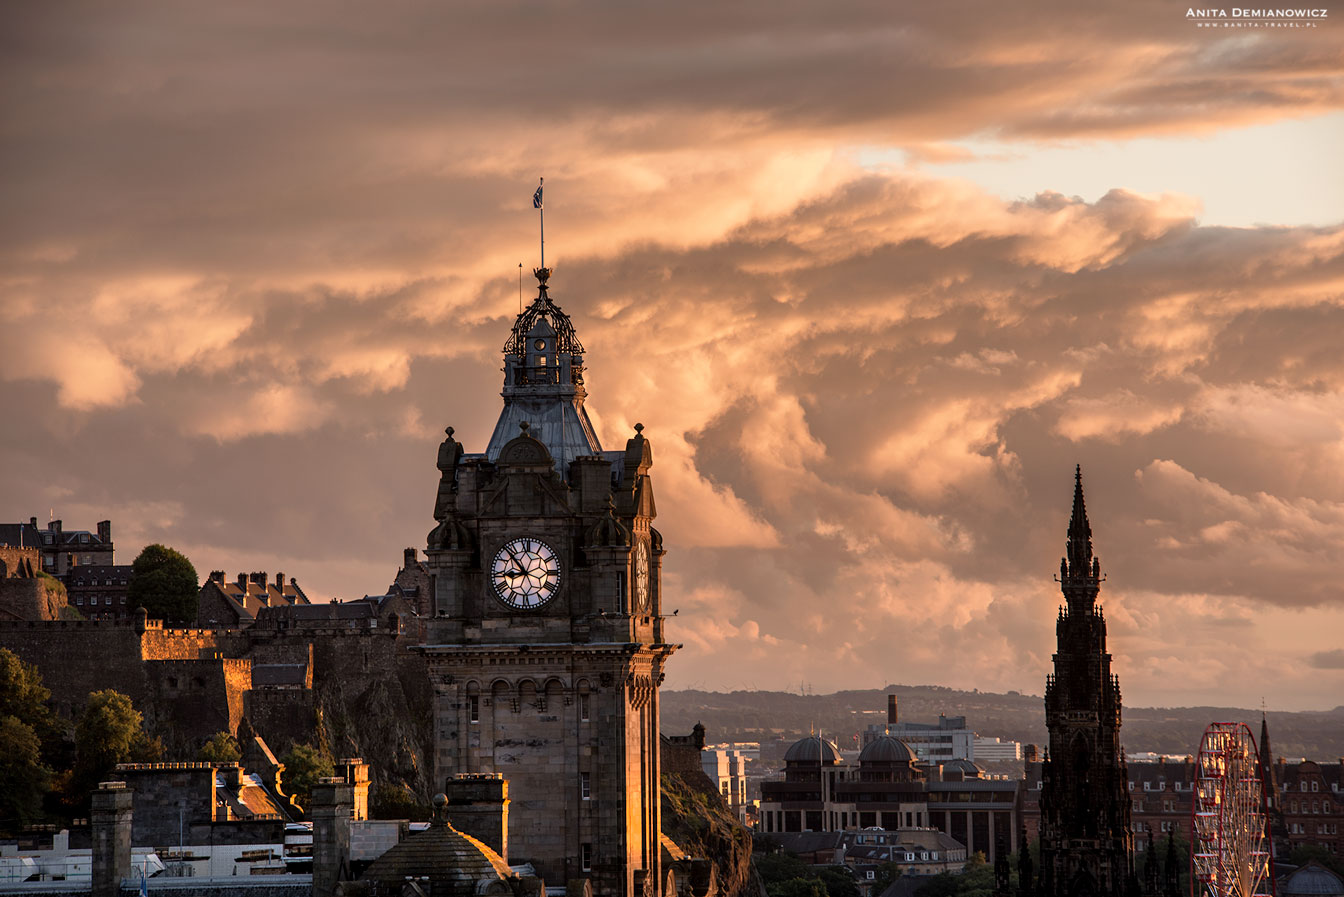 Zachód słońca zArthur's Seat, Edynburg, Szkocja